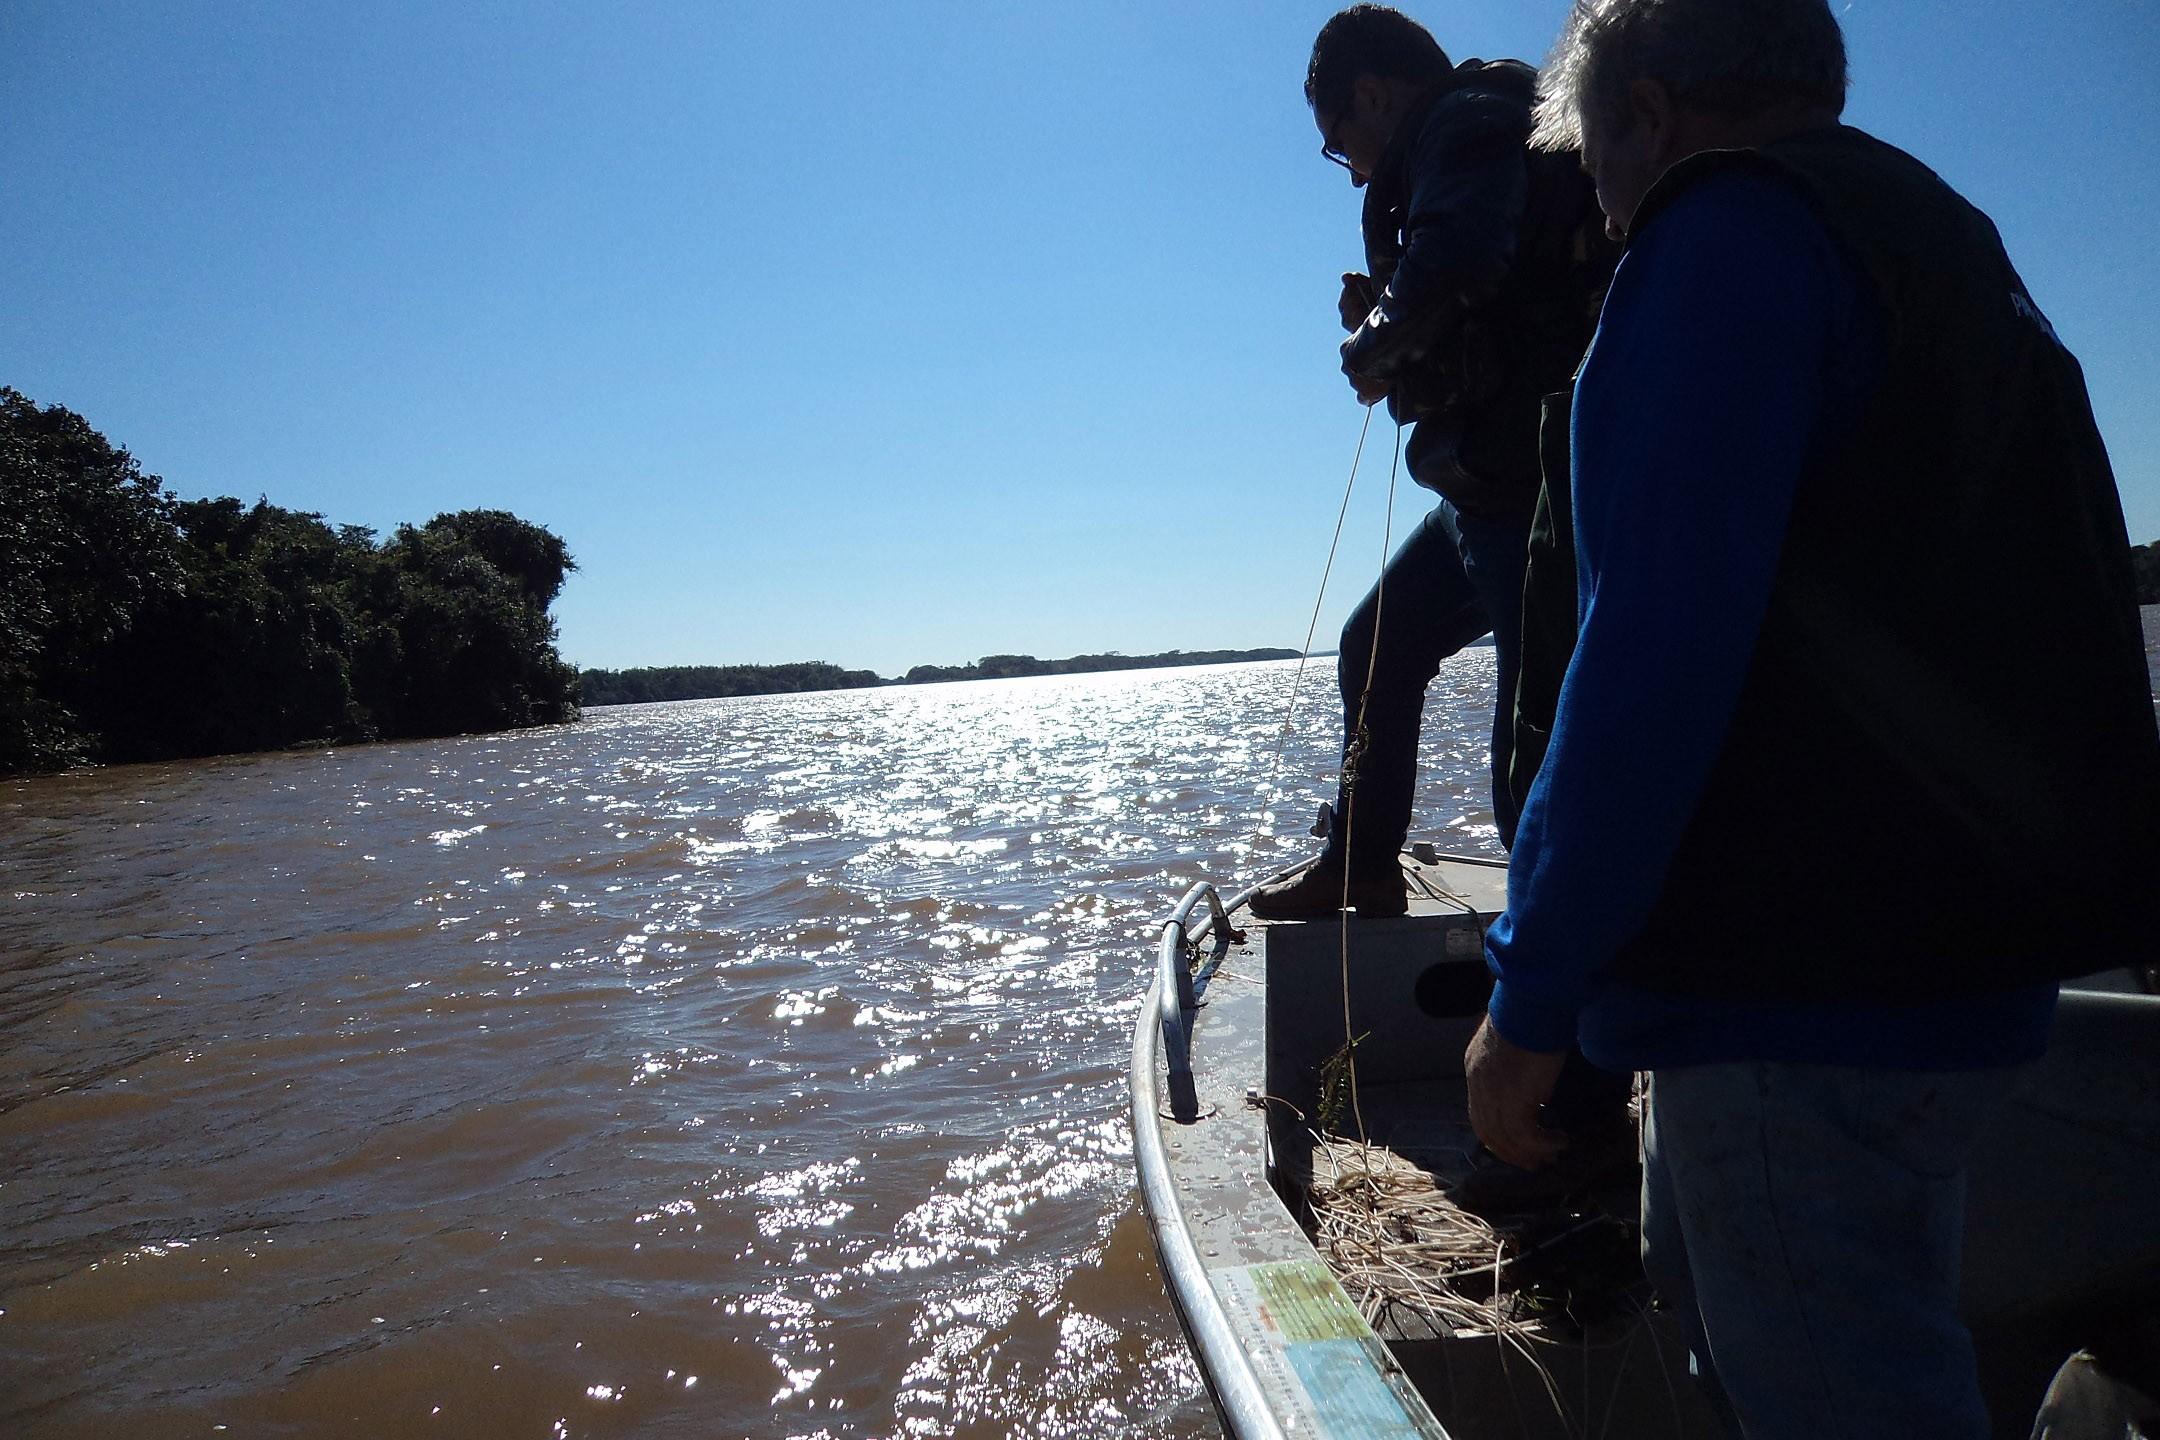 Justiça suspende resolução estadual que liberava pesca com alteração de período da piracema, no Paraná